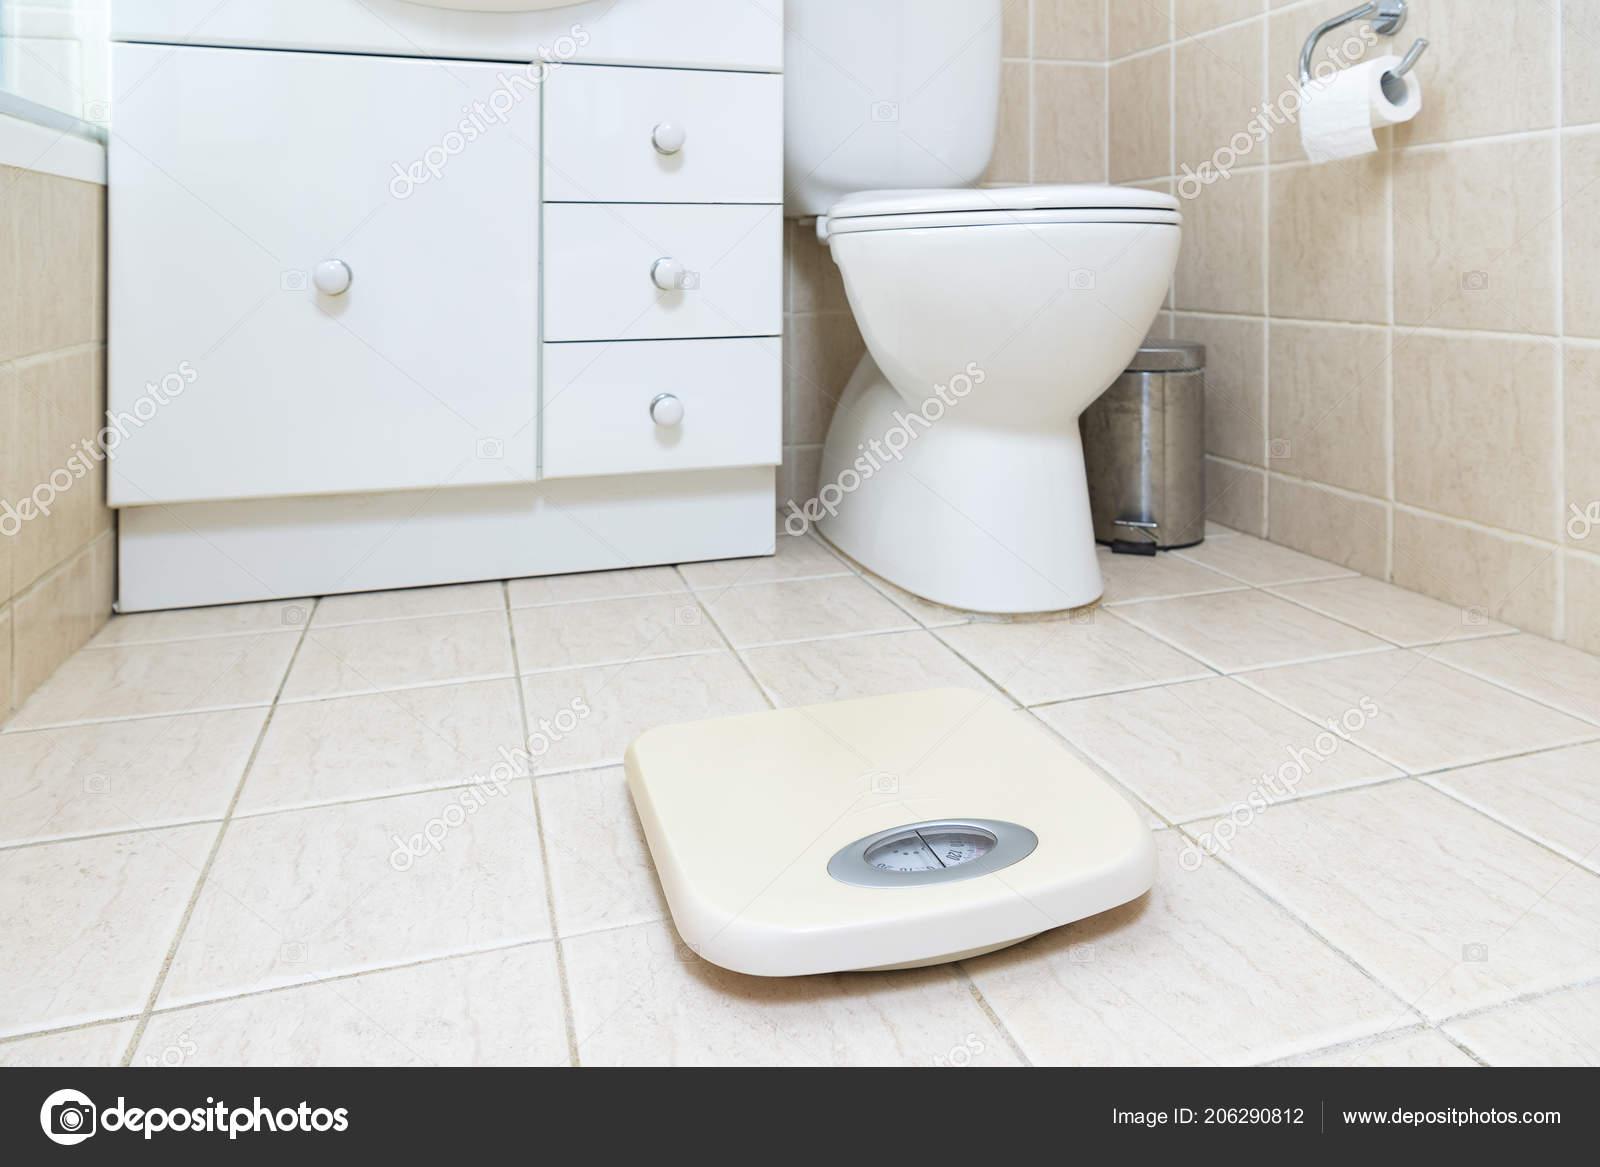 Foto Chão Banheiro Com Escala Peso Primeiro Plano Stock